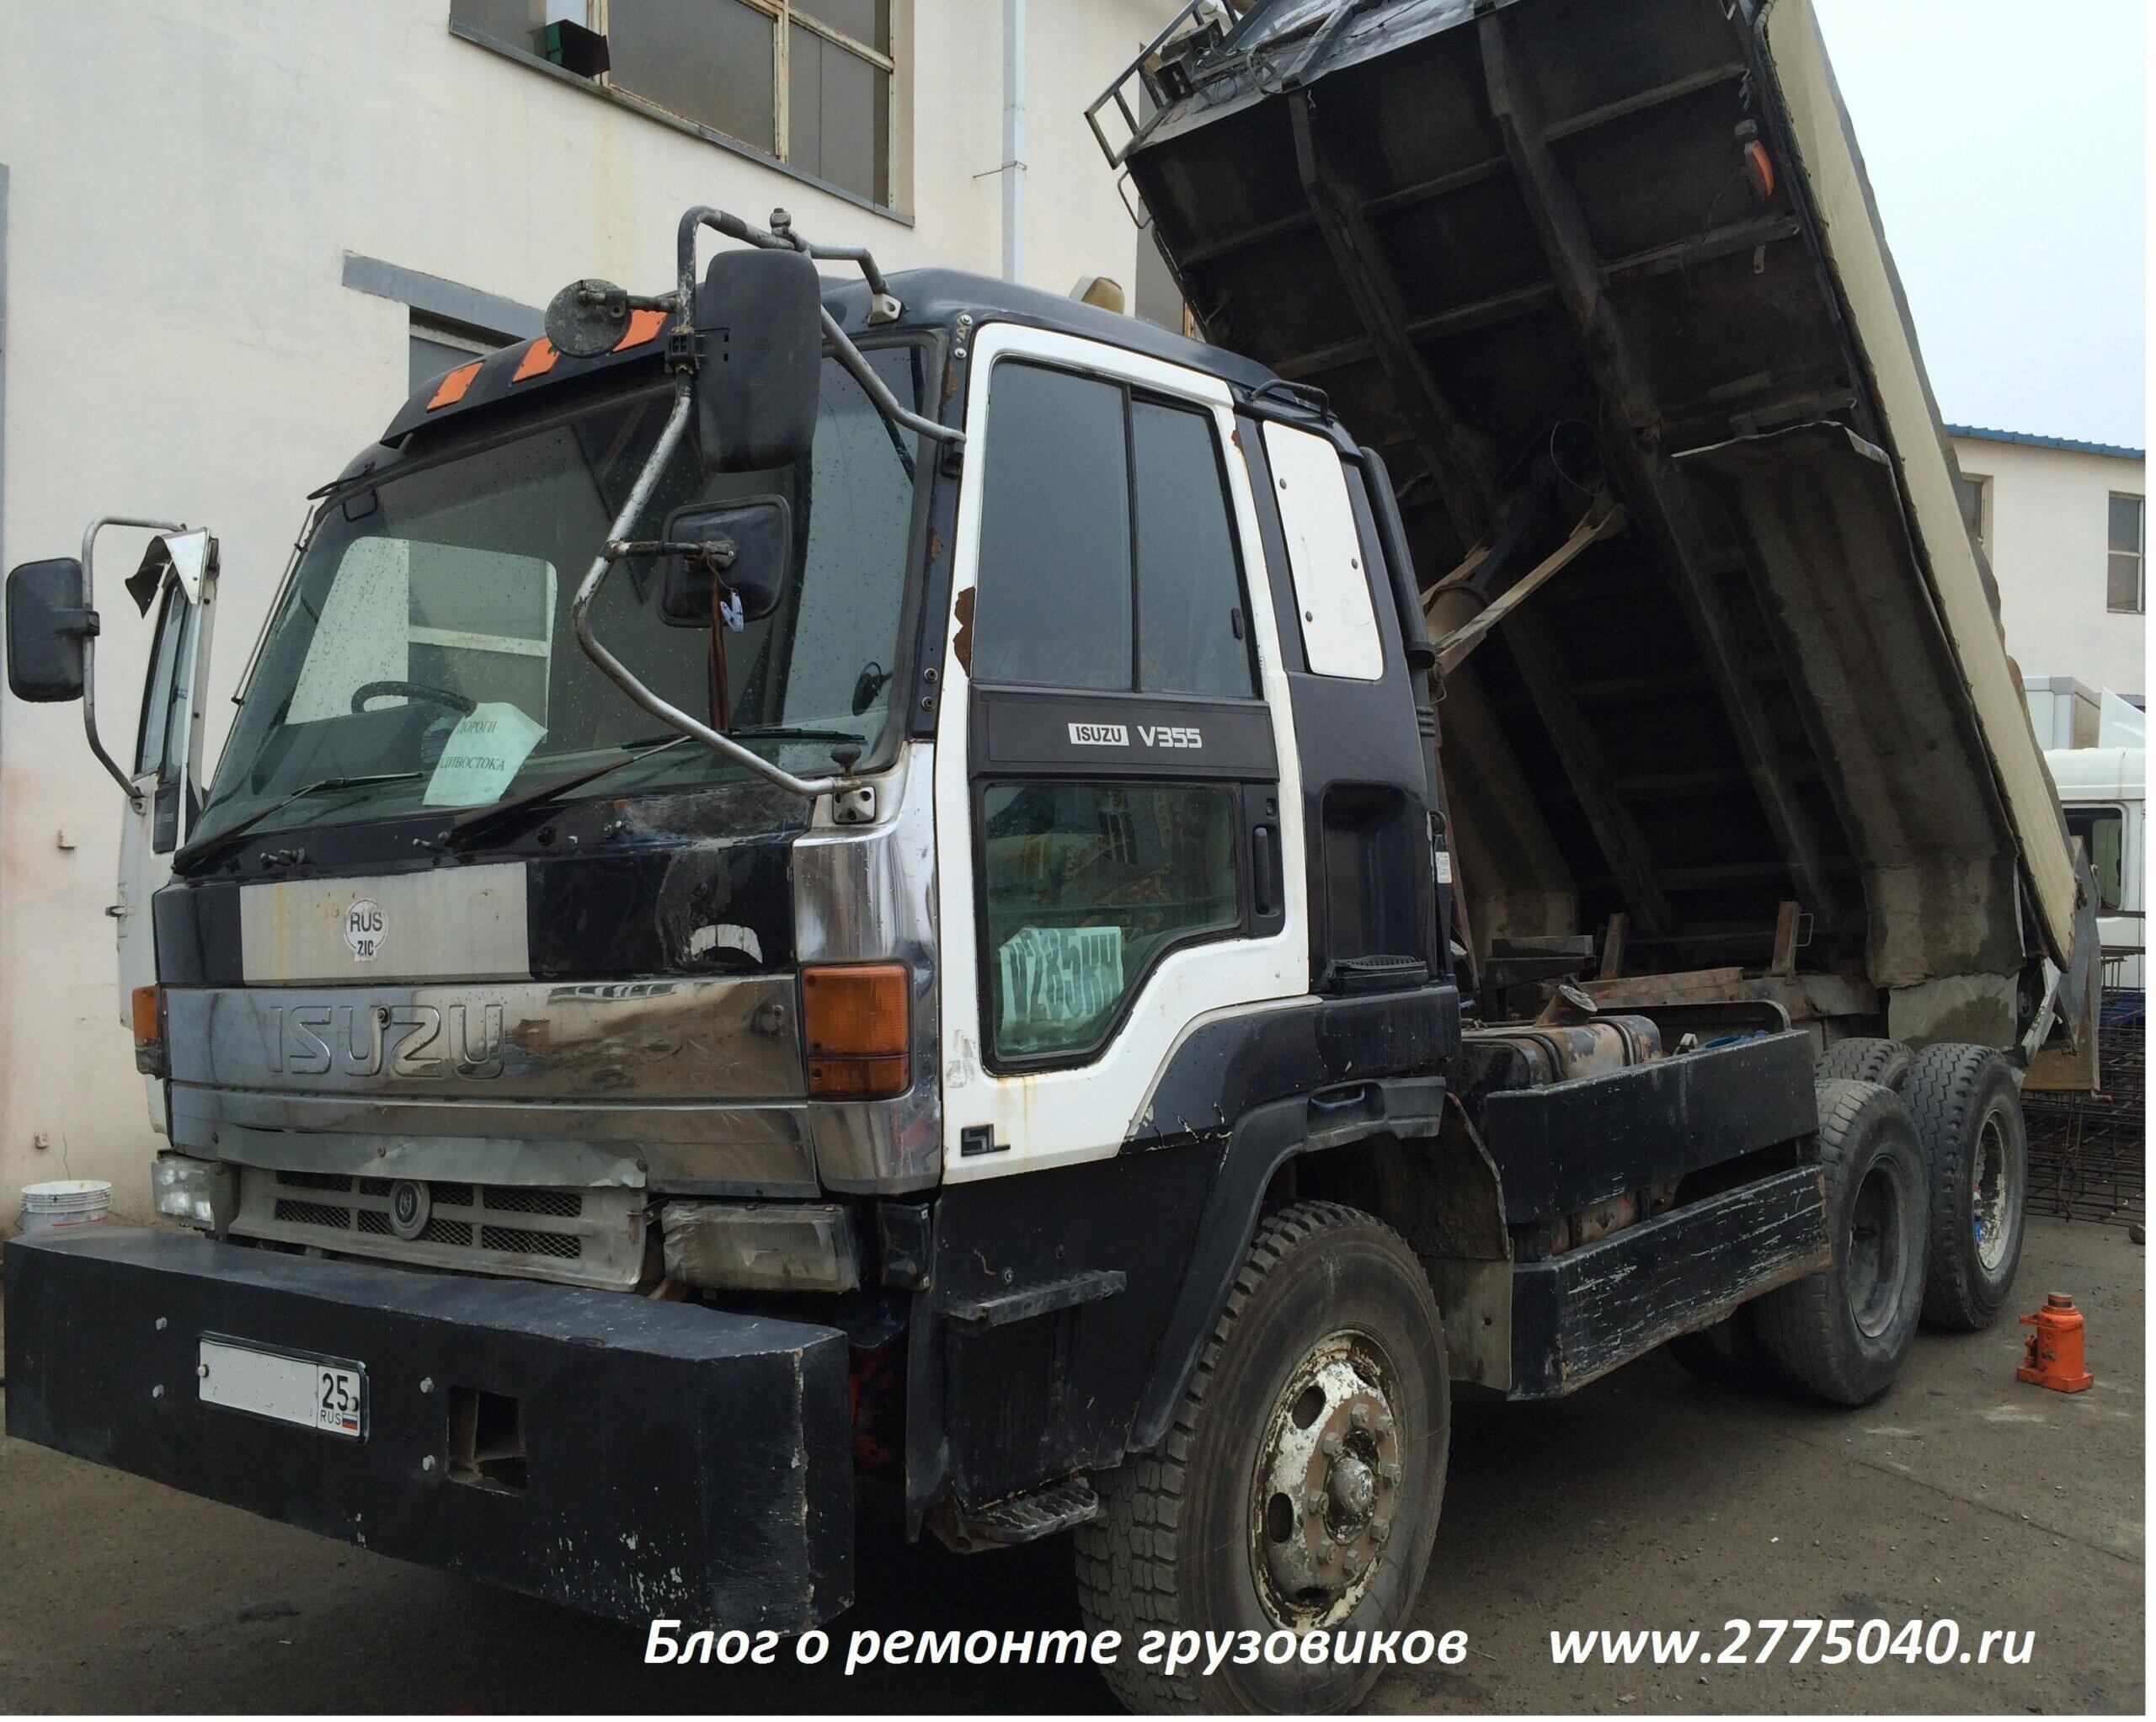 Ремонт грузовика Isuzu Giga (Исузу Гига). Автосервис Первый. Владивосток.